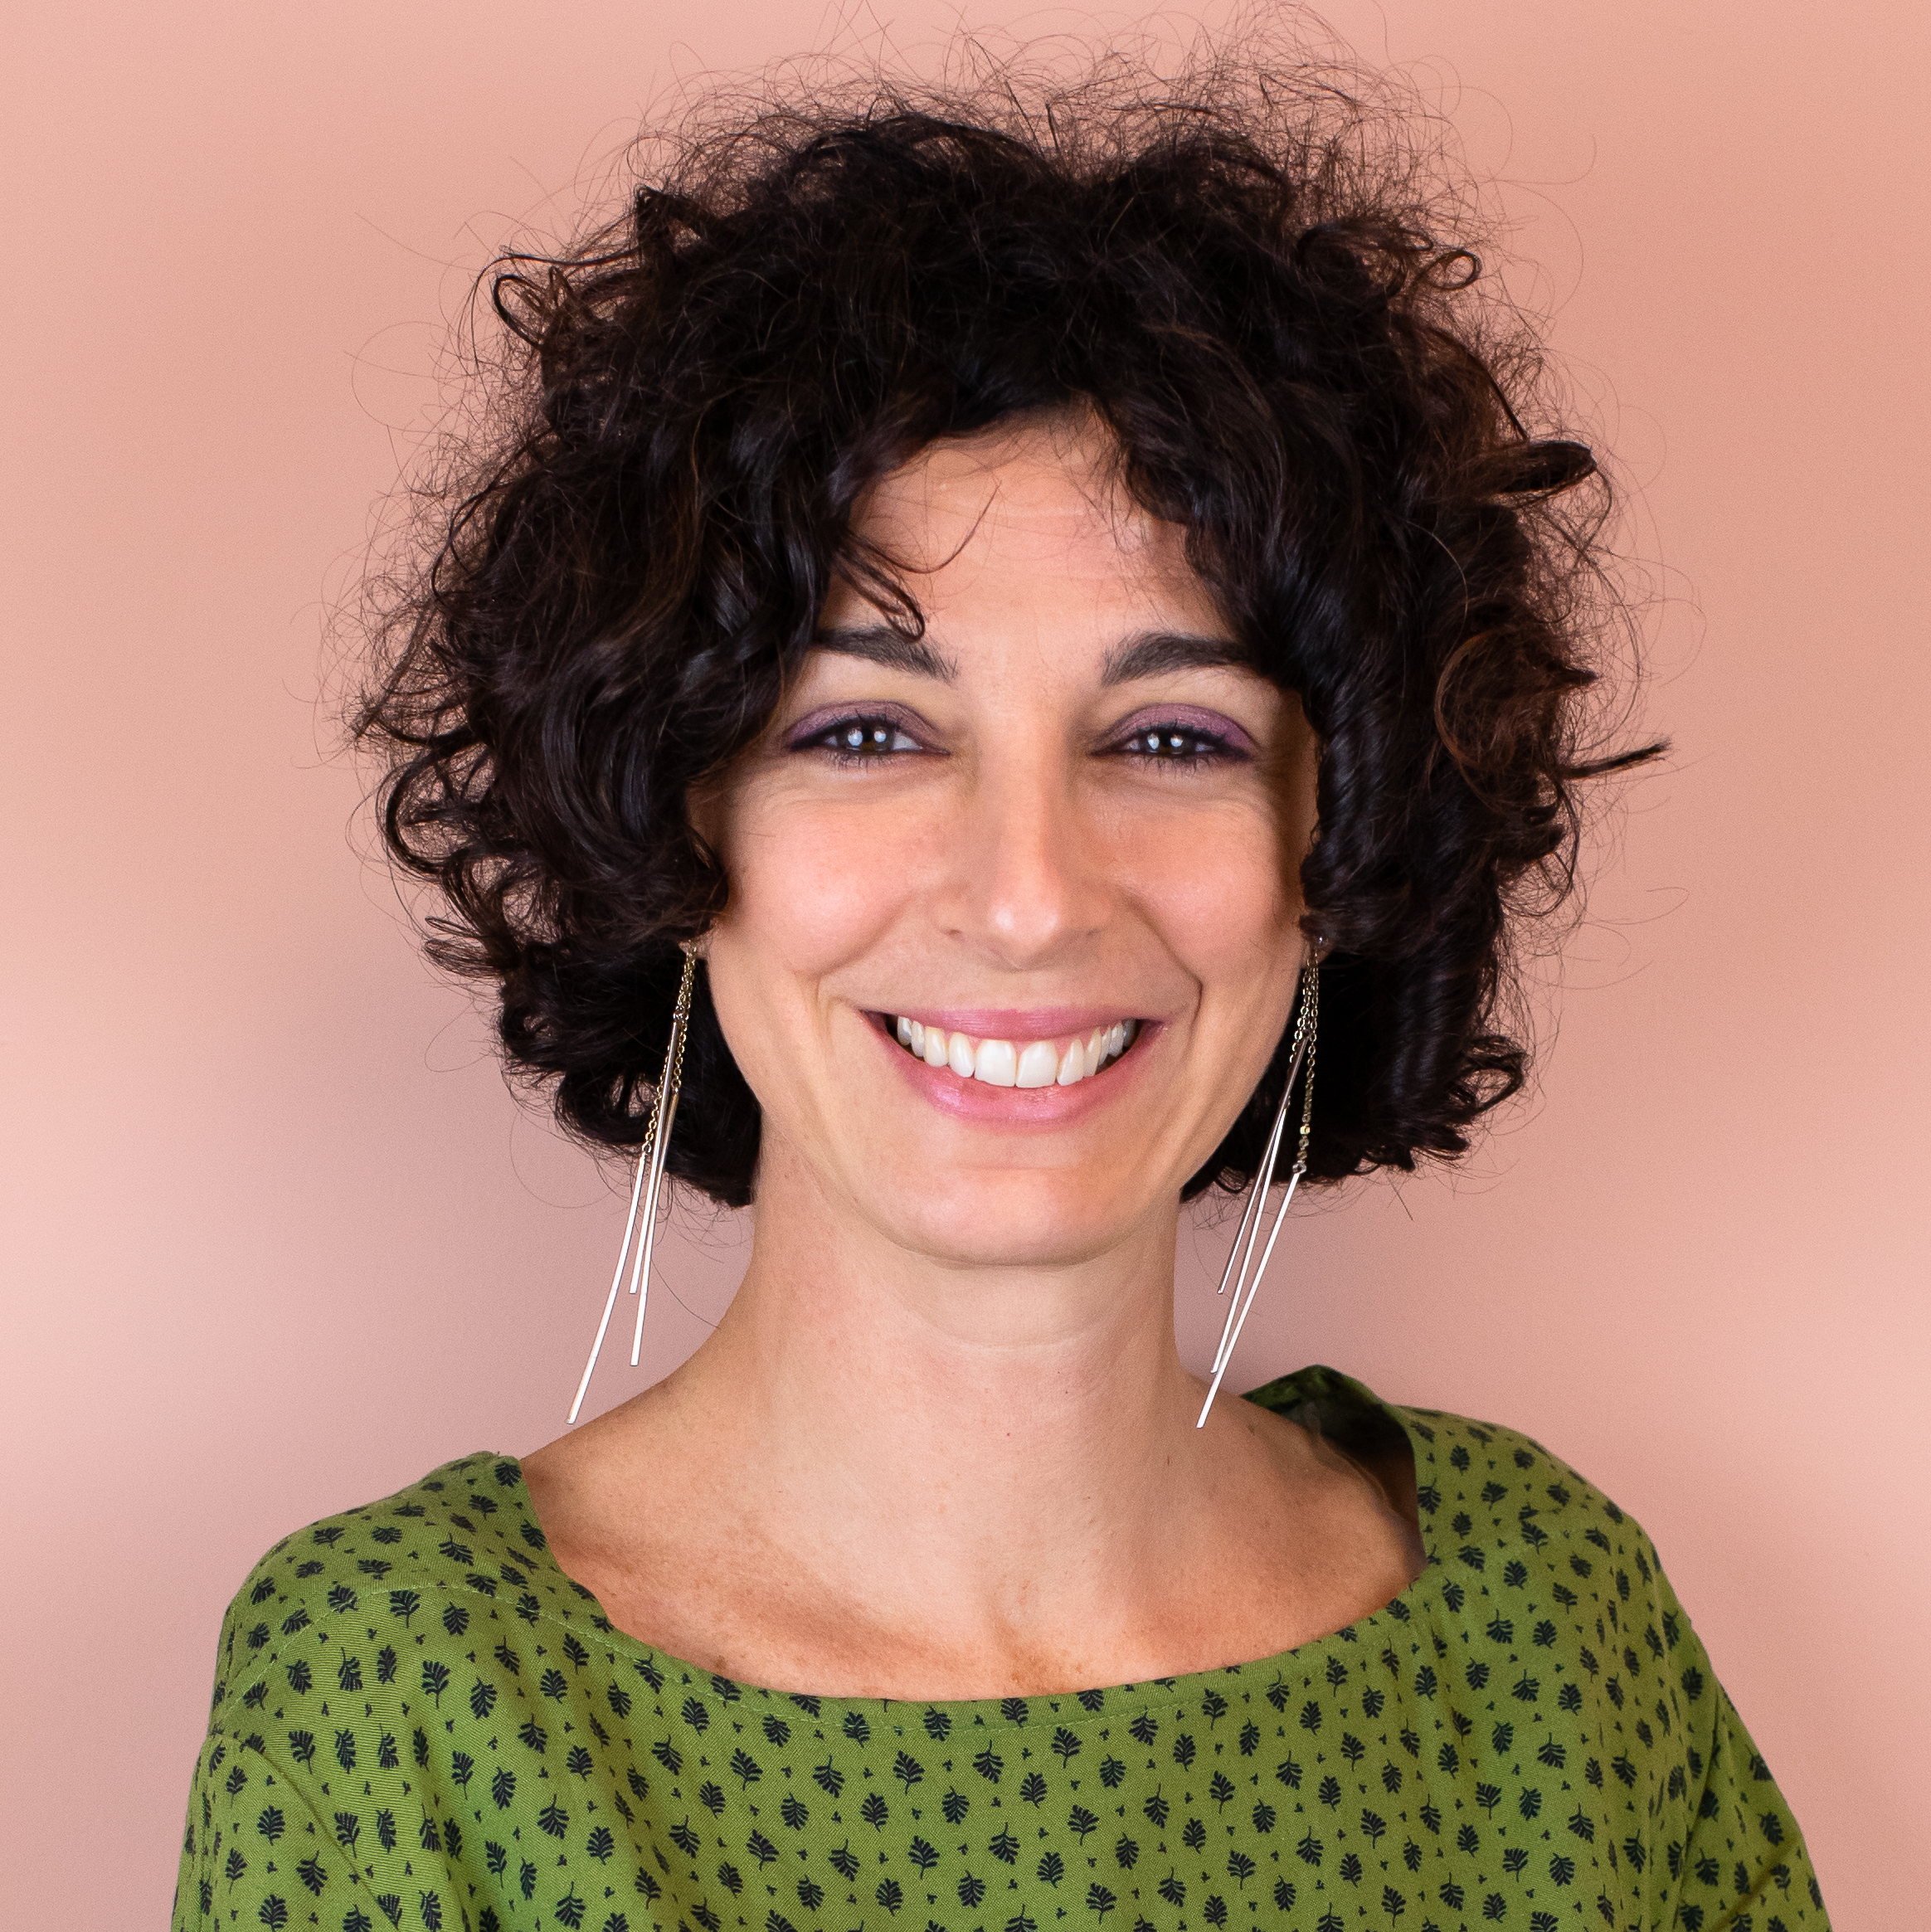 Marta Schweiger